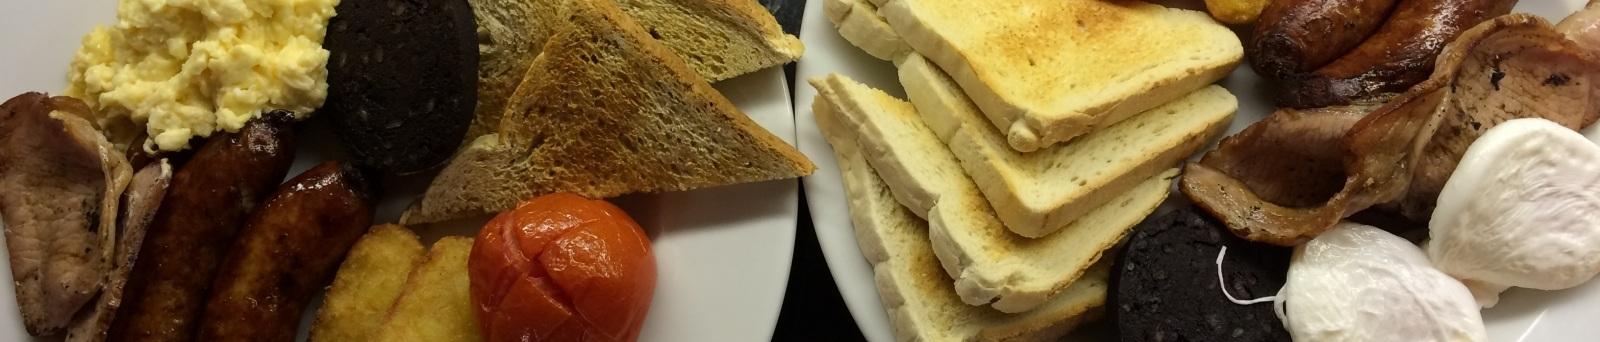 full+english+breakfast+woburn+brasserie.jpg